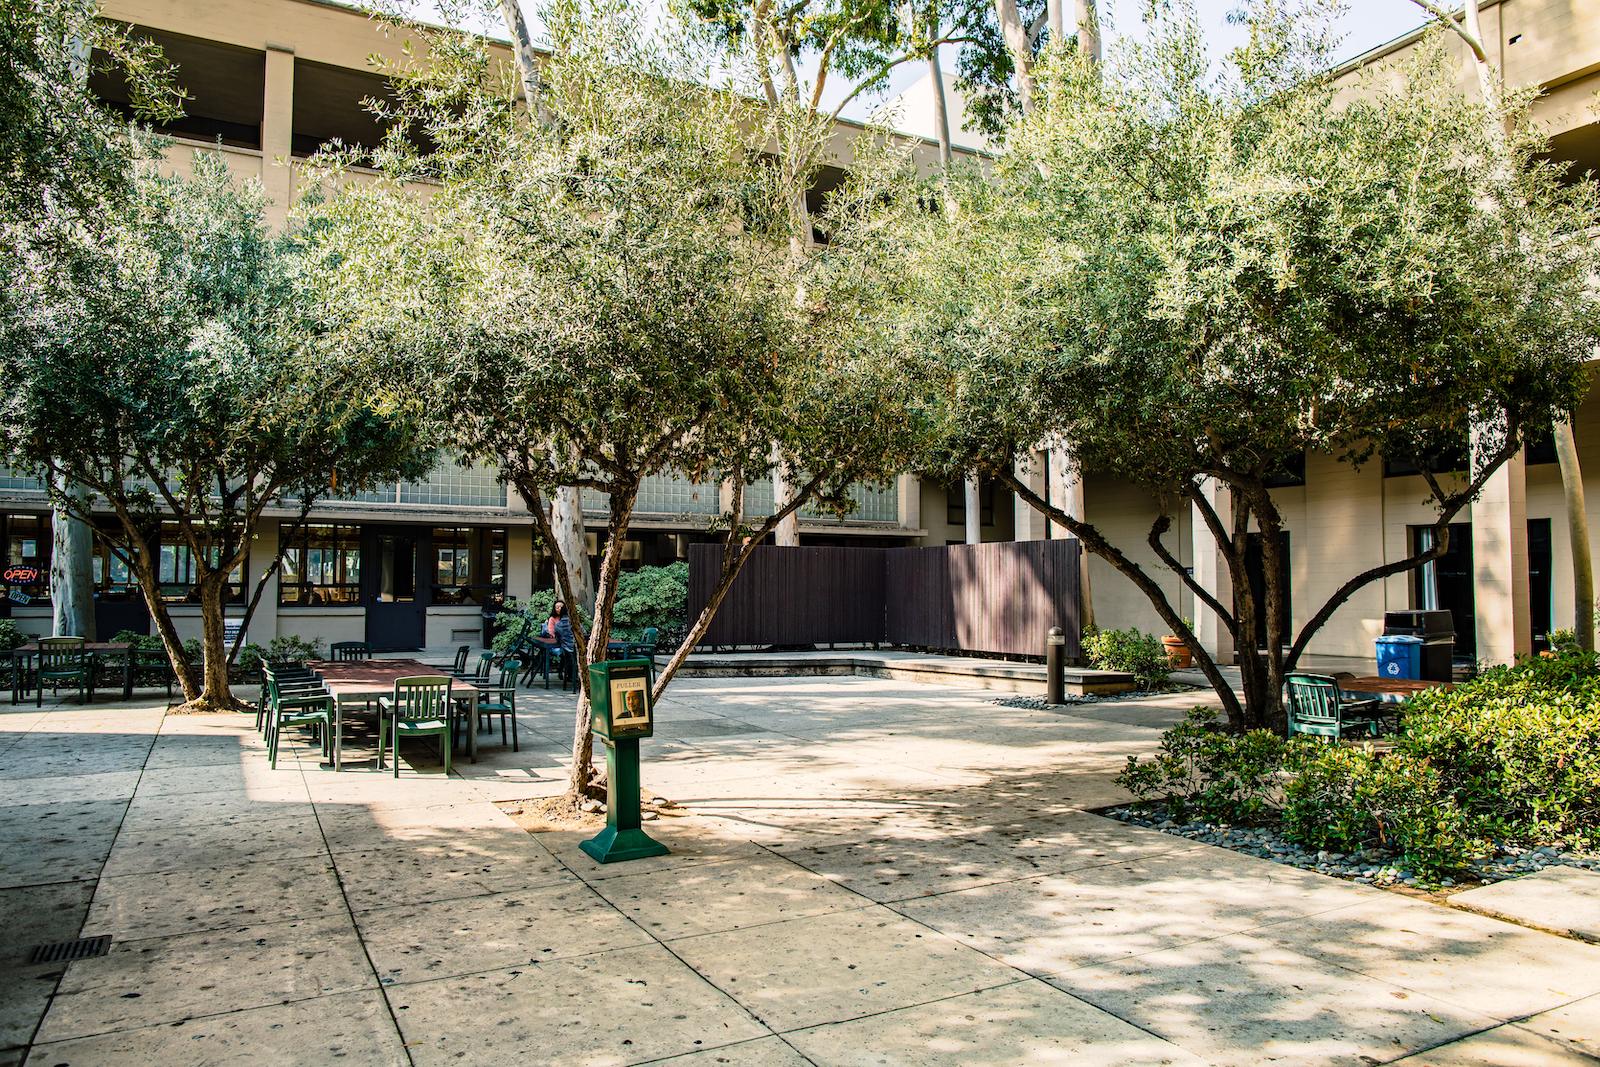 Garth Courtyard